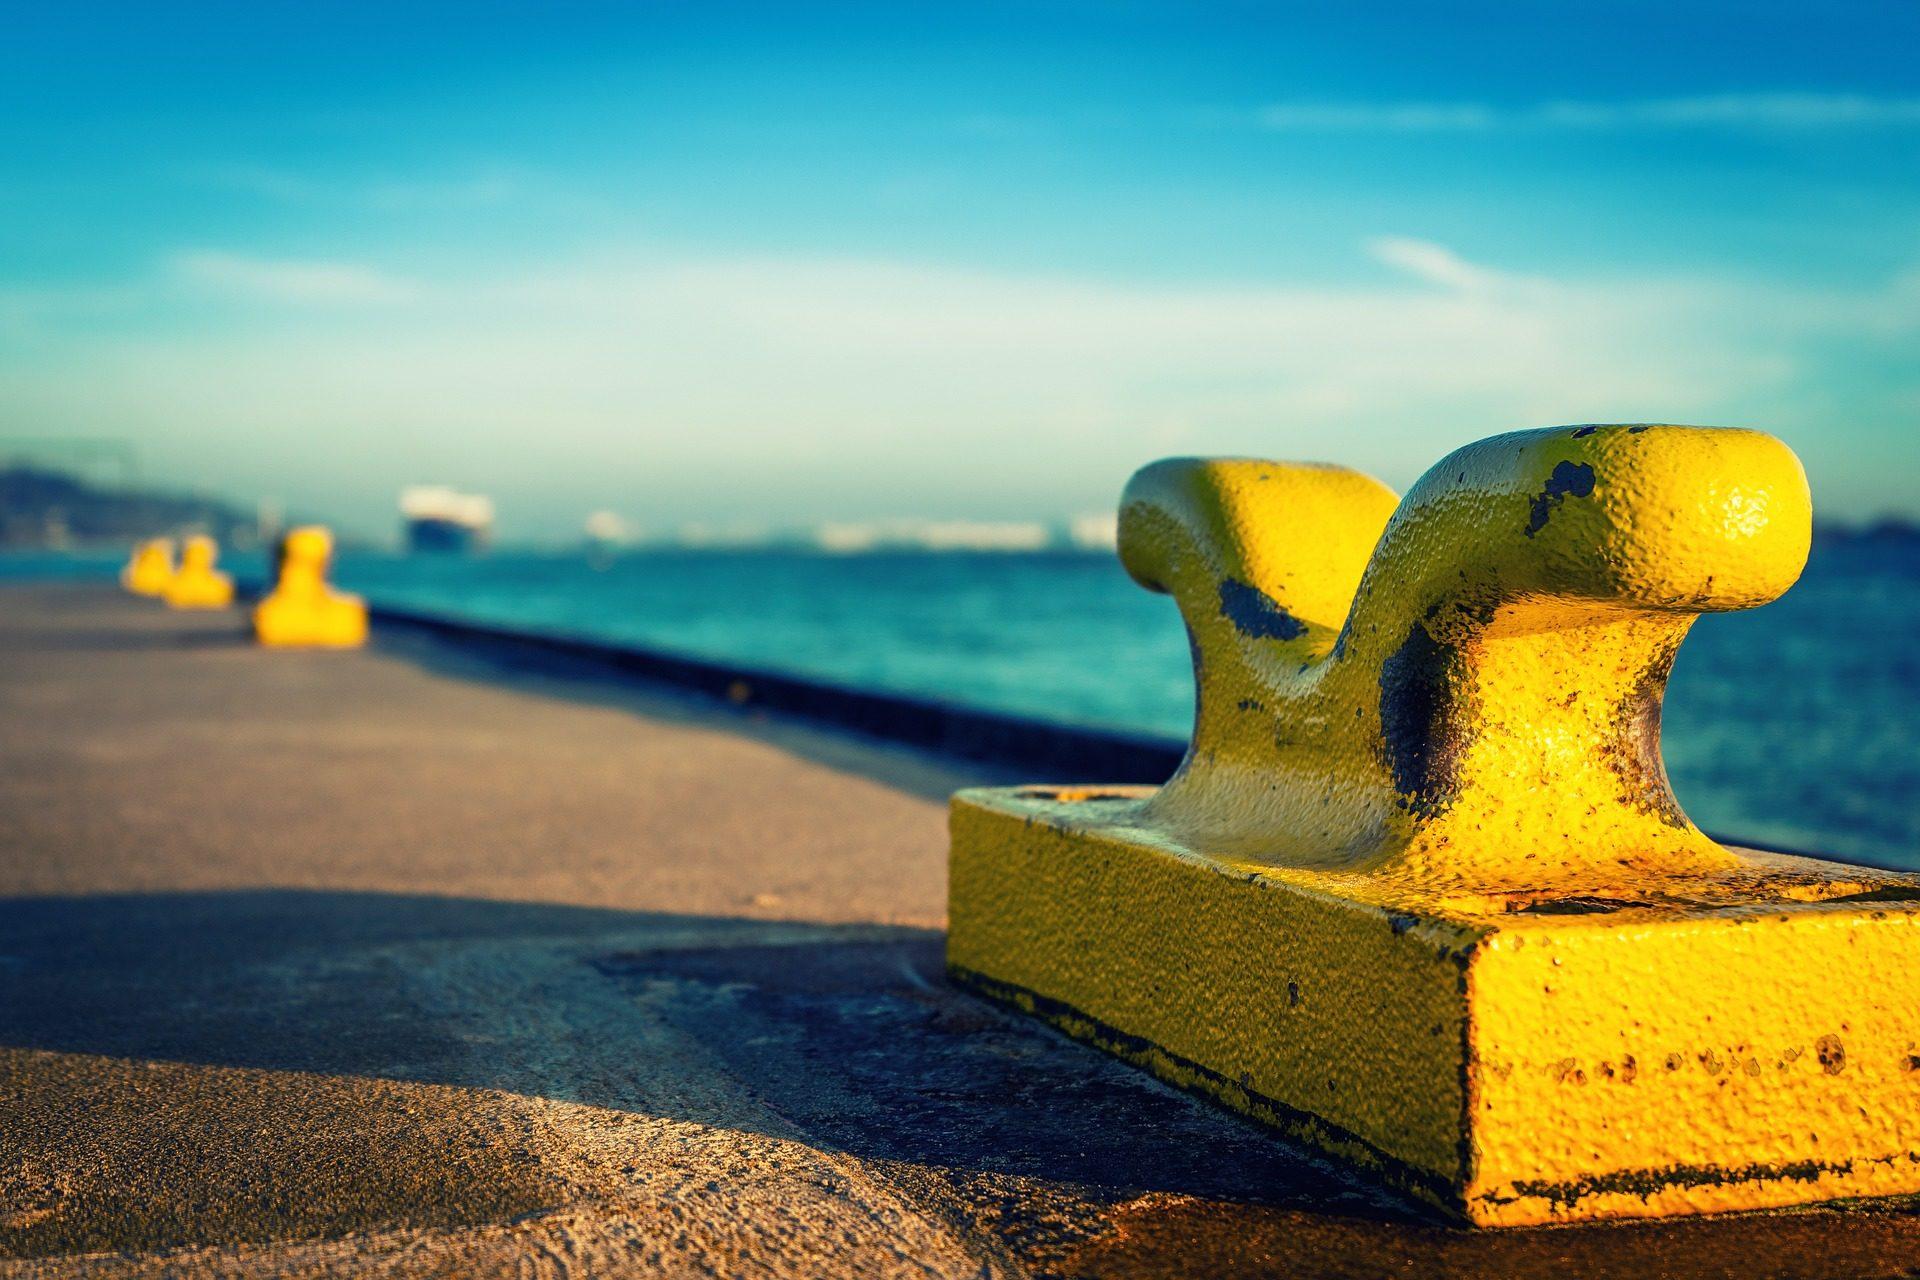 端口, 系泊设备, 海, 厄尔巴岛, 汉堡 - 高清壁纸 - 教授-falken.com